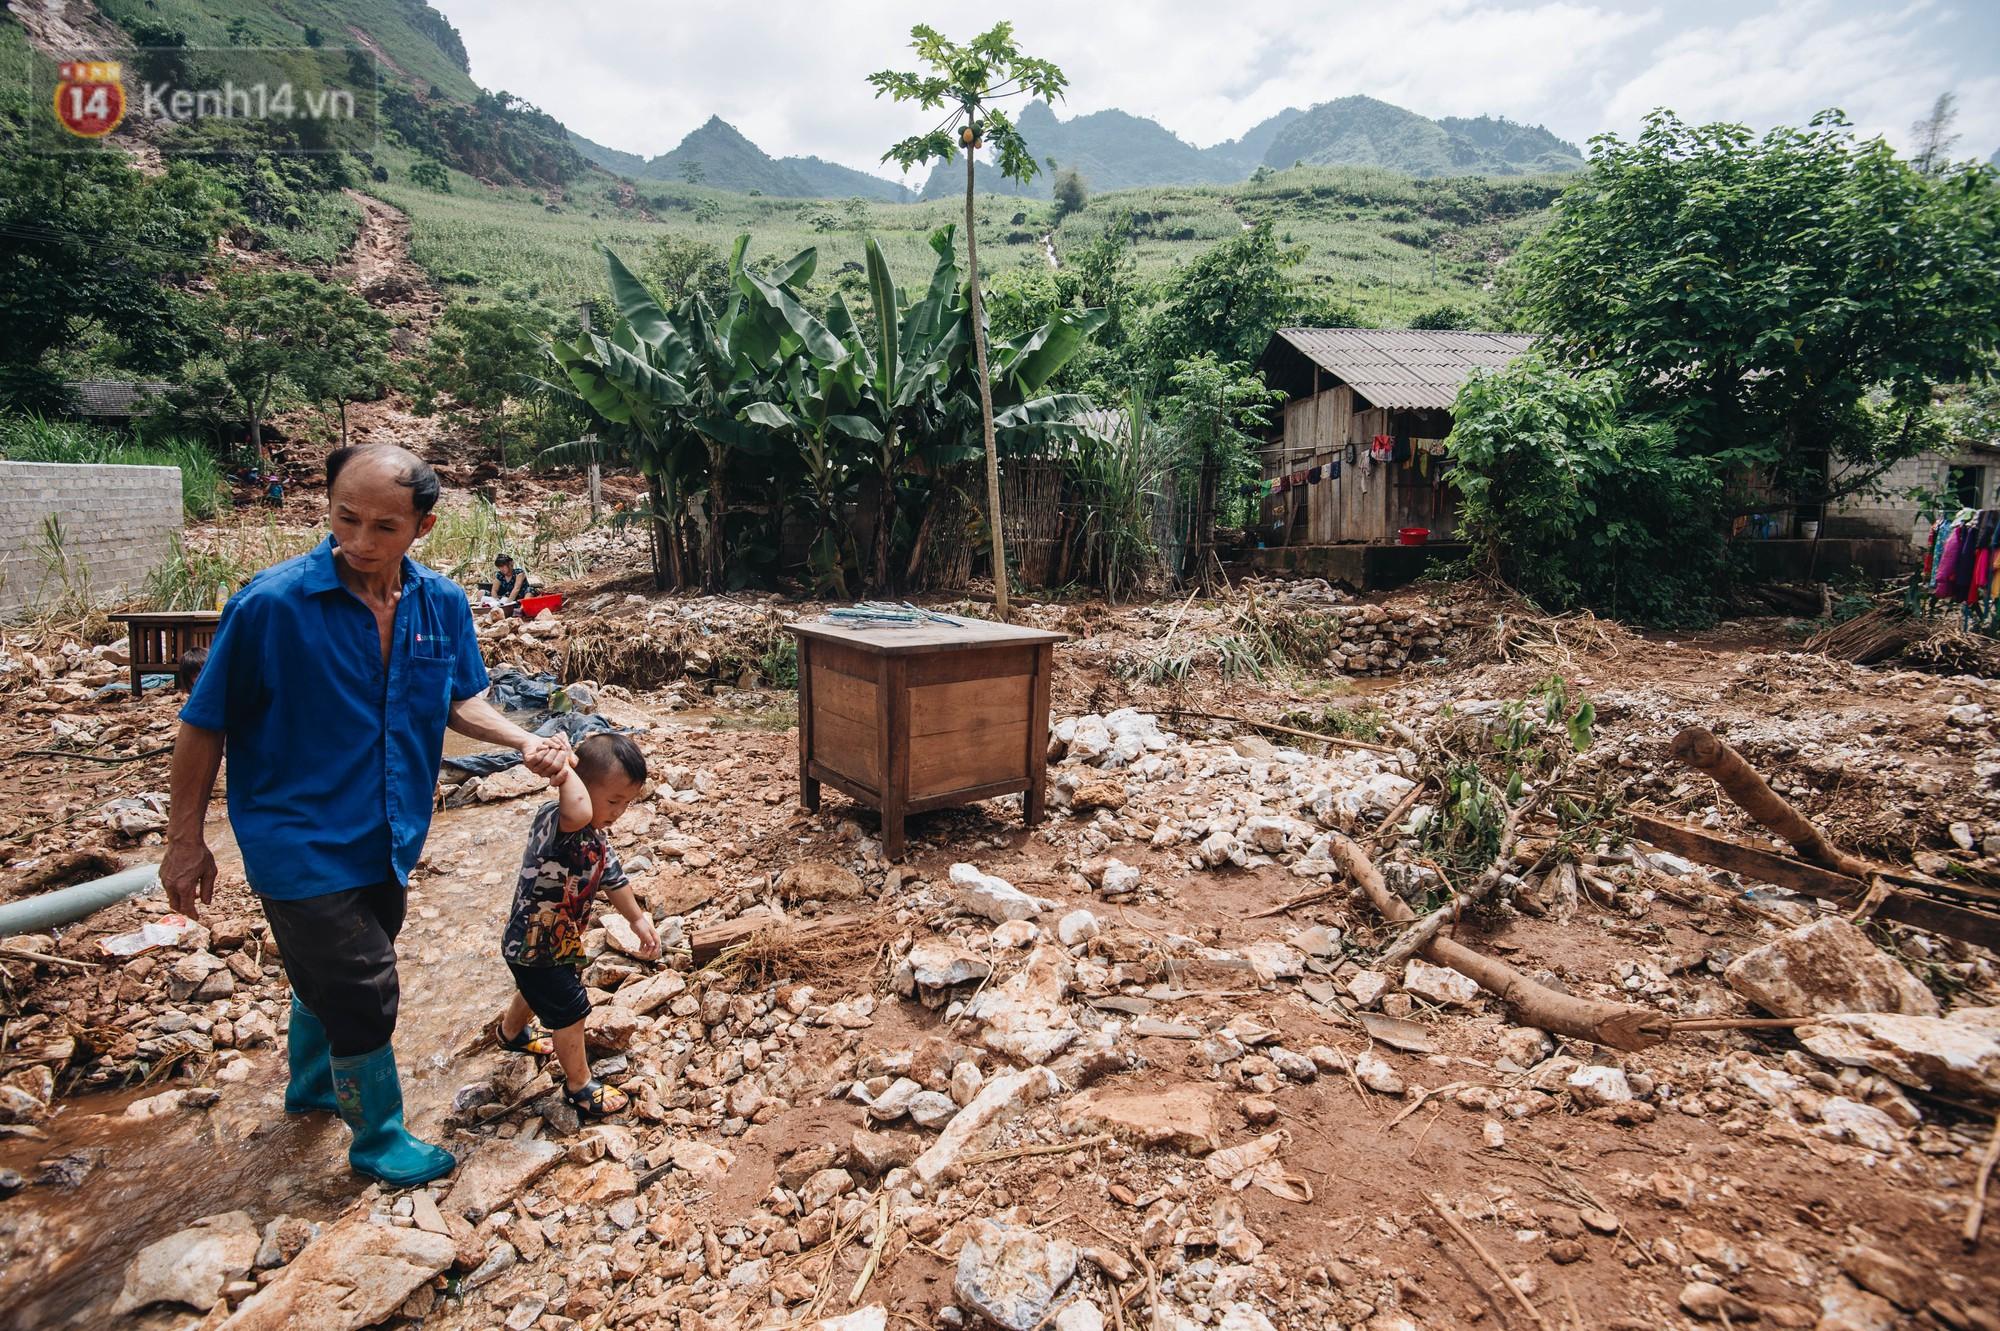 Trận lũ đau thương ở Hà Giang trong vòng 10 năm qua: 'Giờ đâu còn nhà nữa, mất hết, lũ cuốn trôi hết rồi...' 15